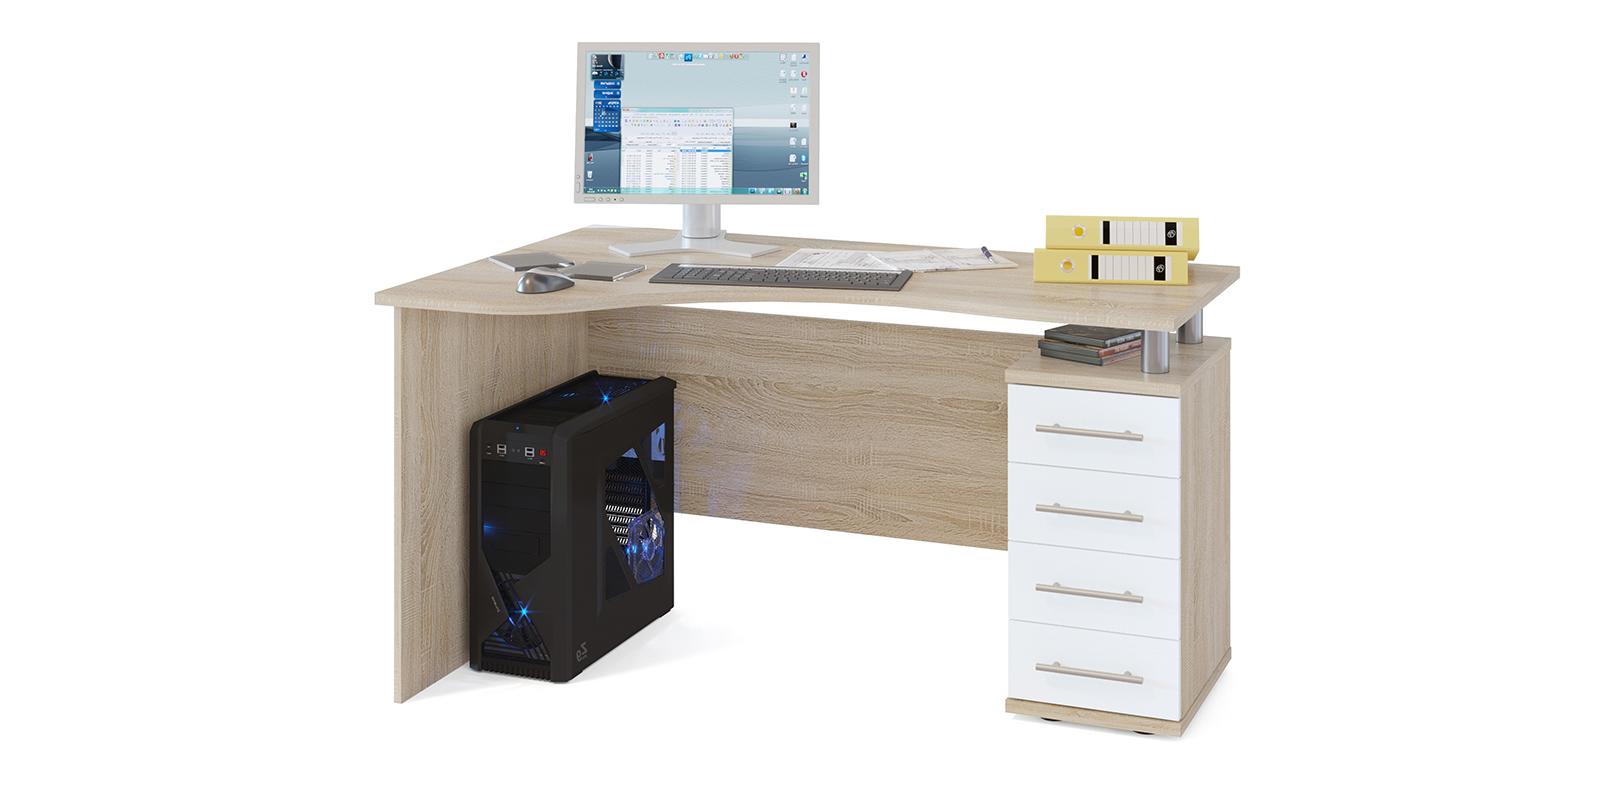 Стол компьютерный Мерида правый угол вариант №1 (дуб сонома/белый)